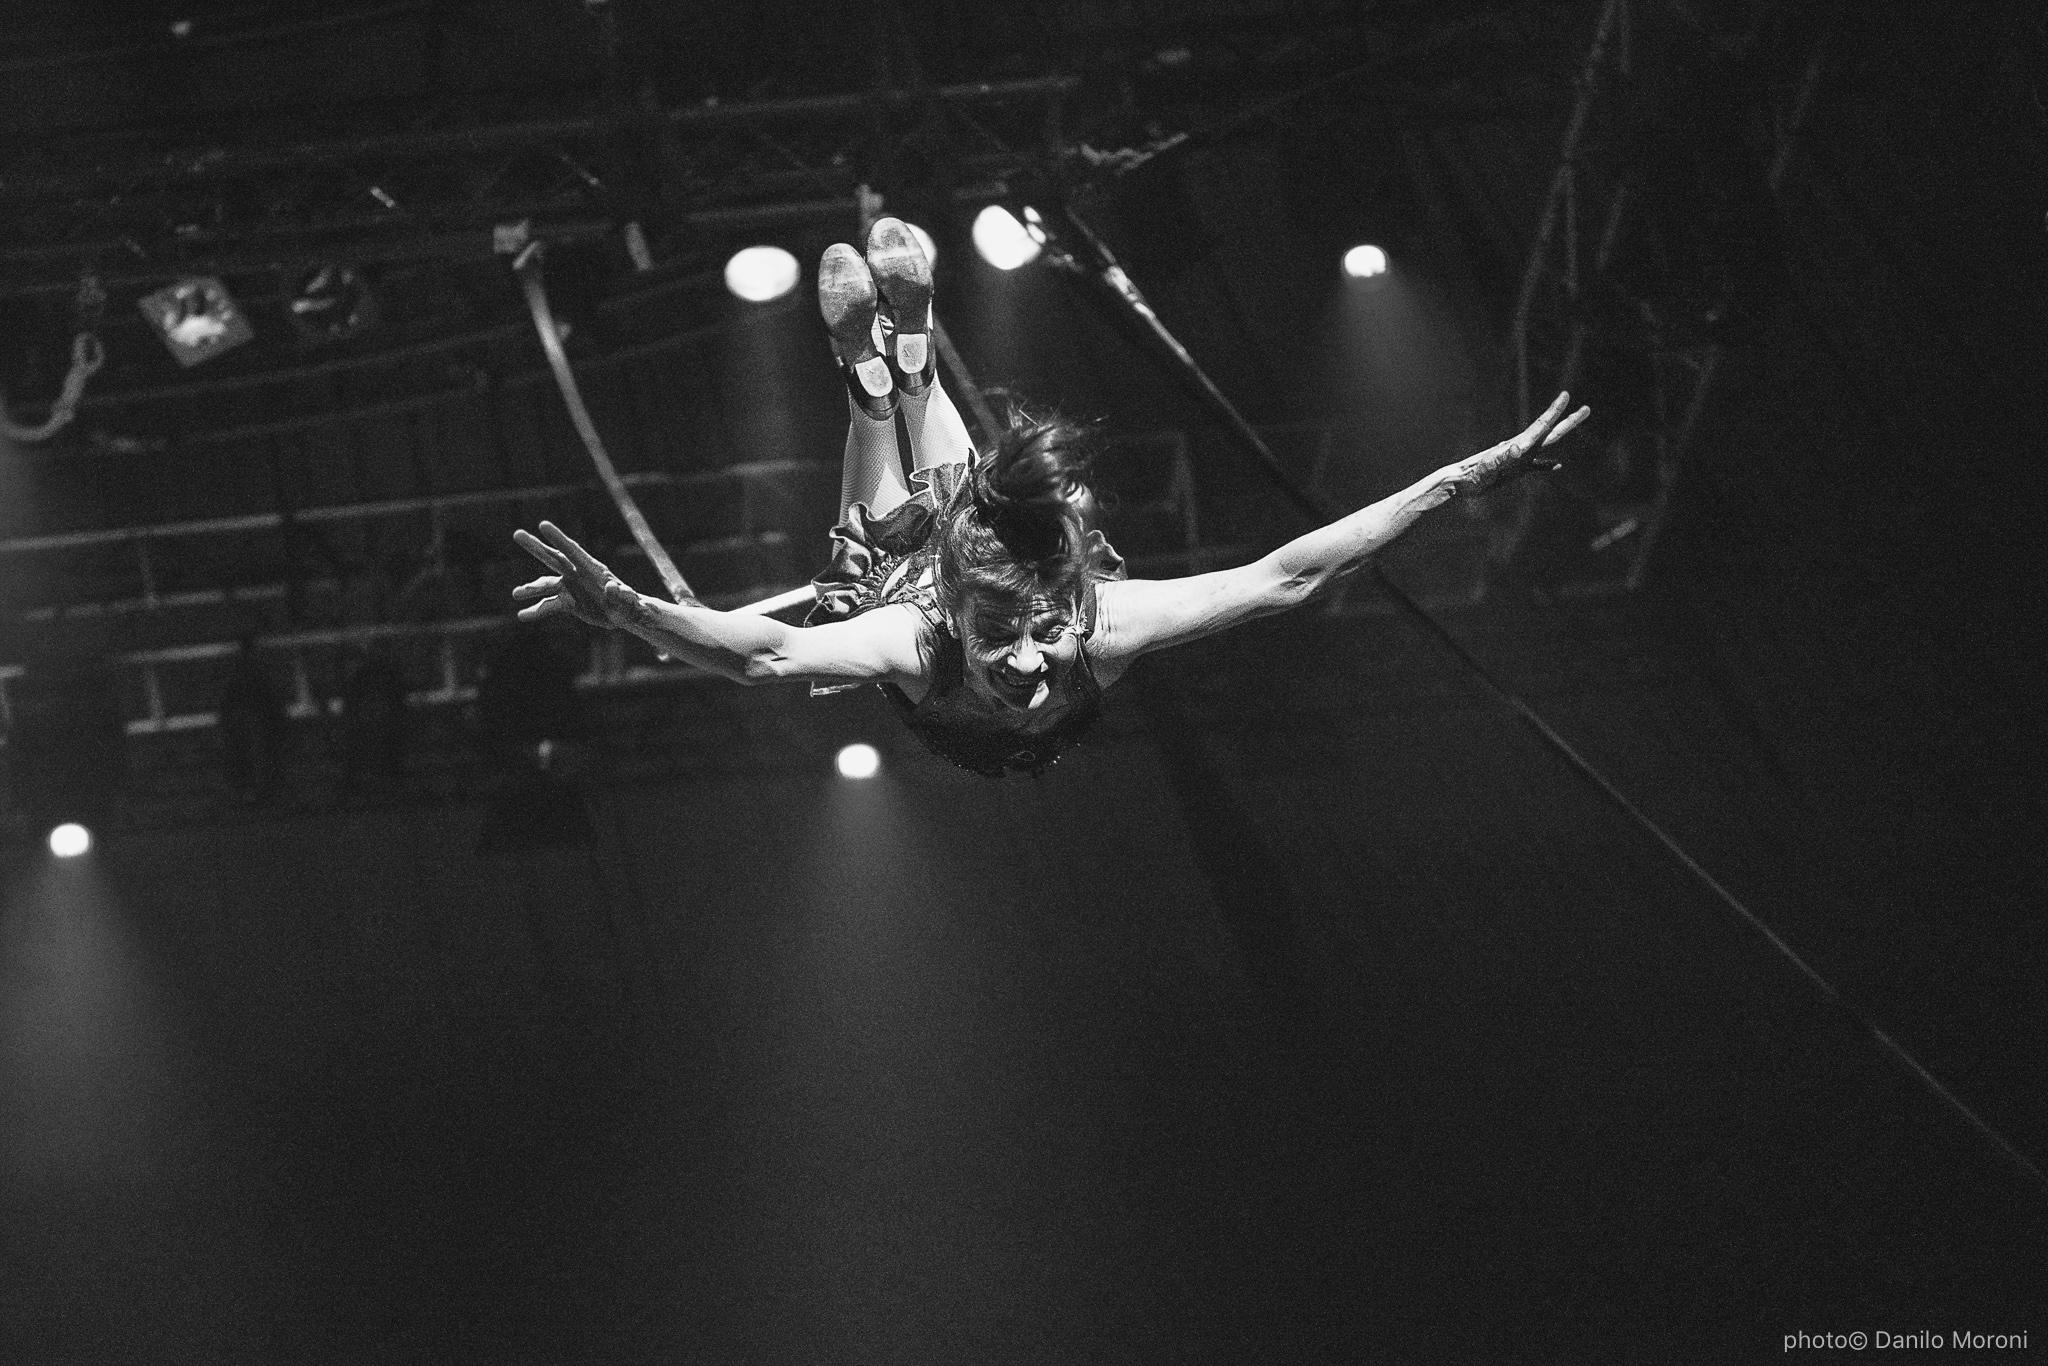 Teatro-en-vilo-Circo-Price-Miss-Mara-photo-Danilo-Moroni-170.jpg